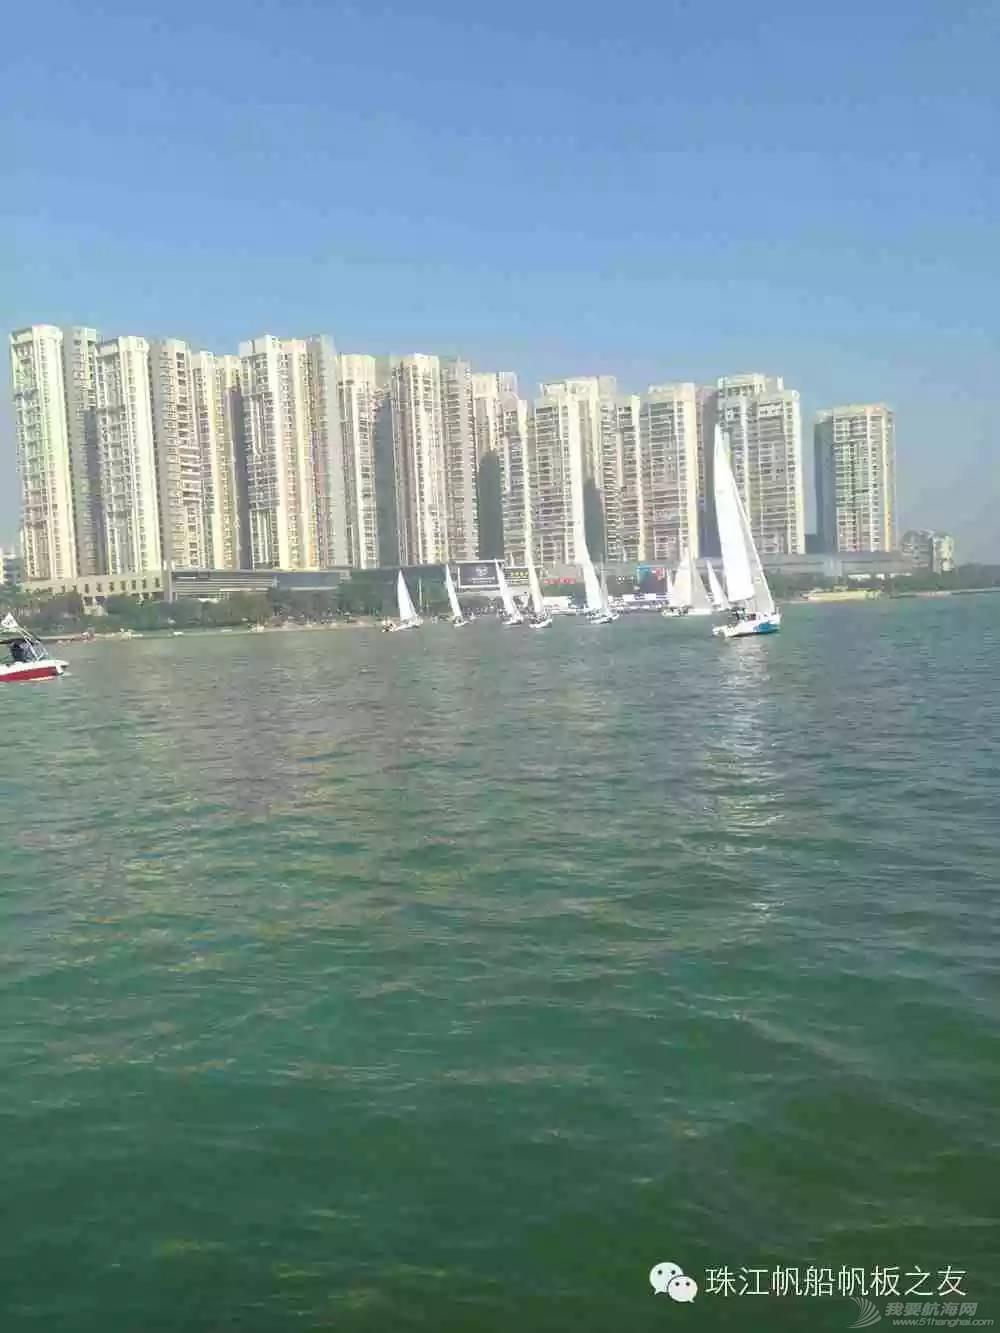 广州帆协在柳州第五届帆船赛 dd24723a2b8b88d34a7576c165e65af8.jpg